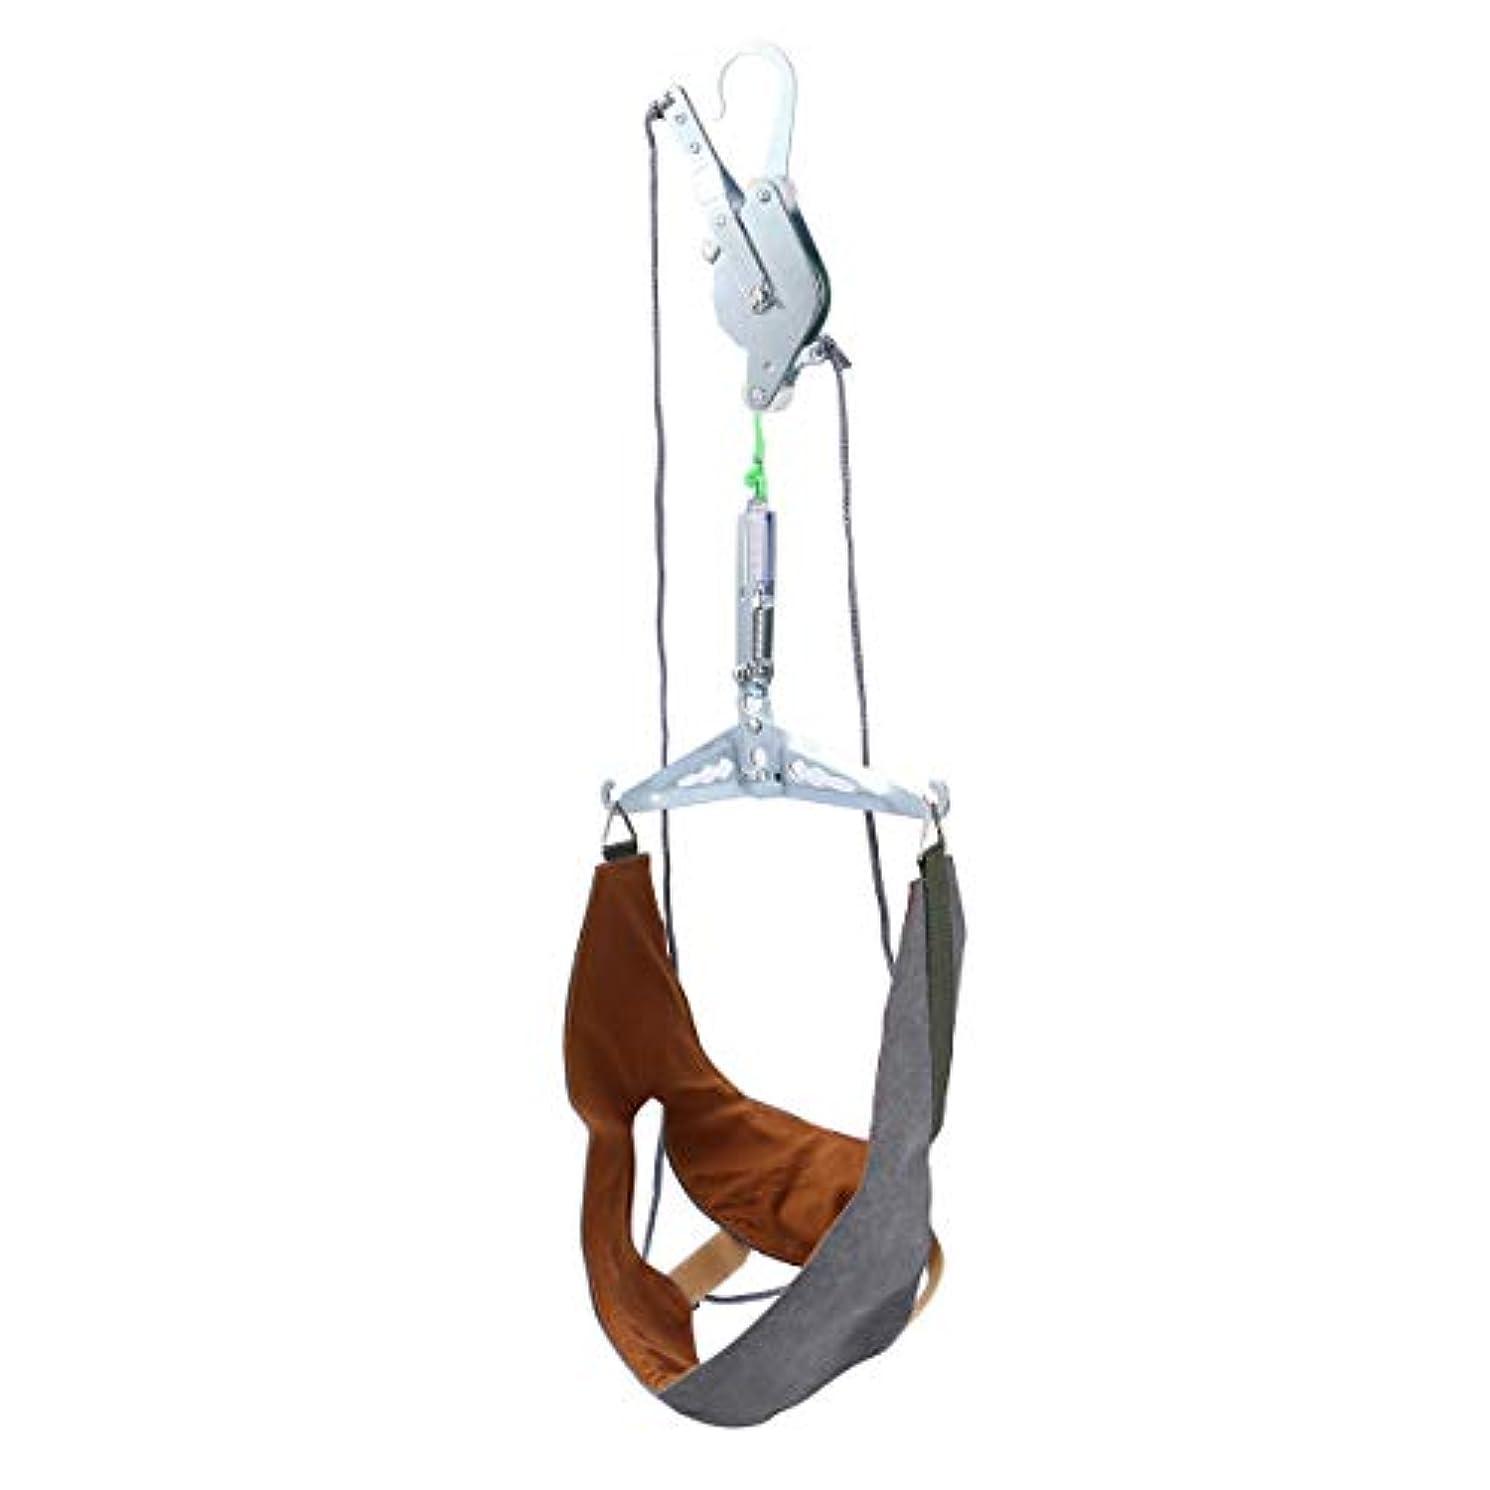 Healifty 家庭用 頚椎 牽引 頭痛 ストレッチ 吊り下げ式 首頸部 マッサージ 牽引装置 ネックサポート 頚椎首ガード保護スリーブ ネックホルダー(ランダムカラー)